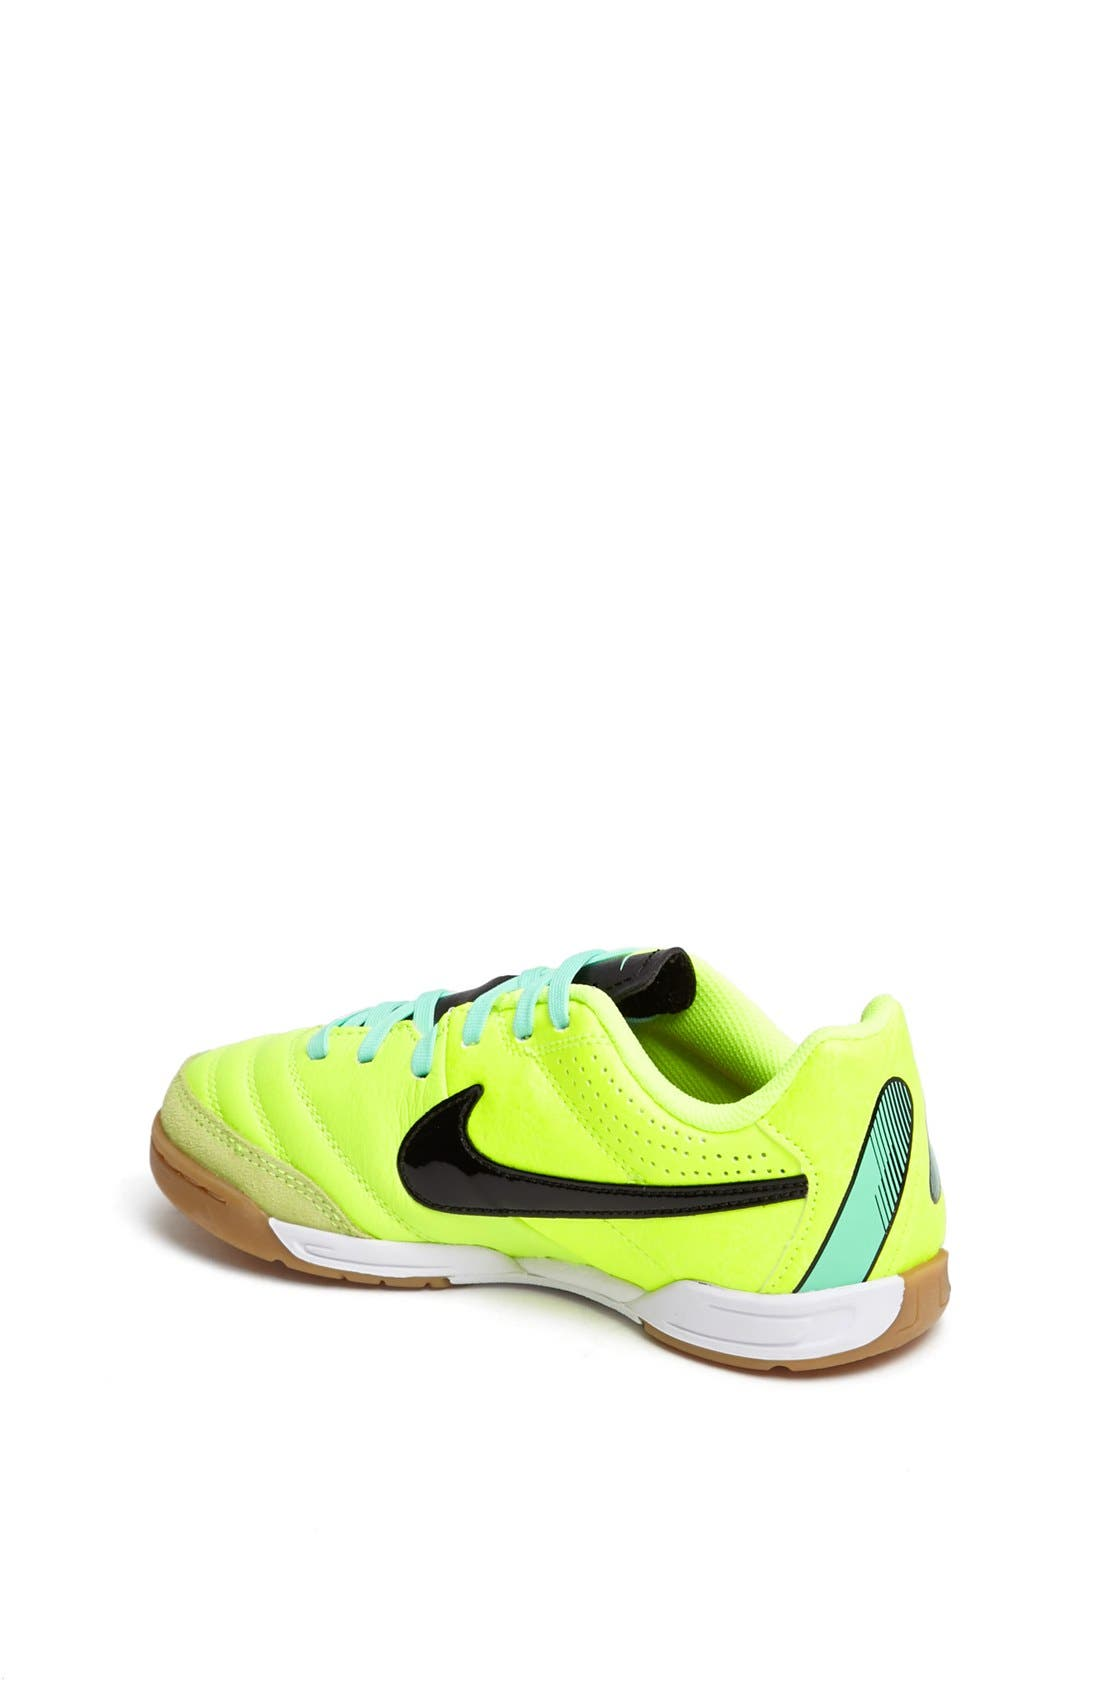 Alternate Image 2  - Nike 'Jr. Tiempo Natural IV' Soccer Shoe (Toddler, Little Kid & Big Kid)